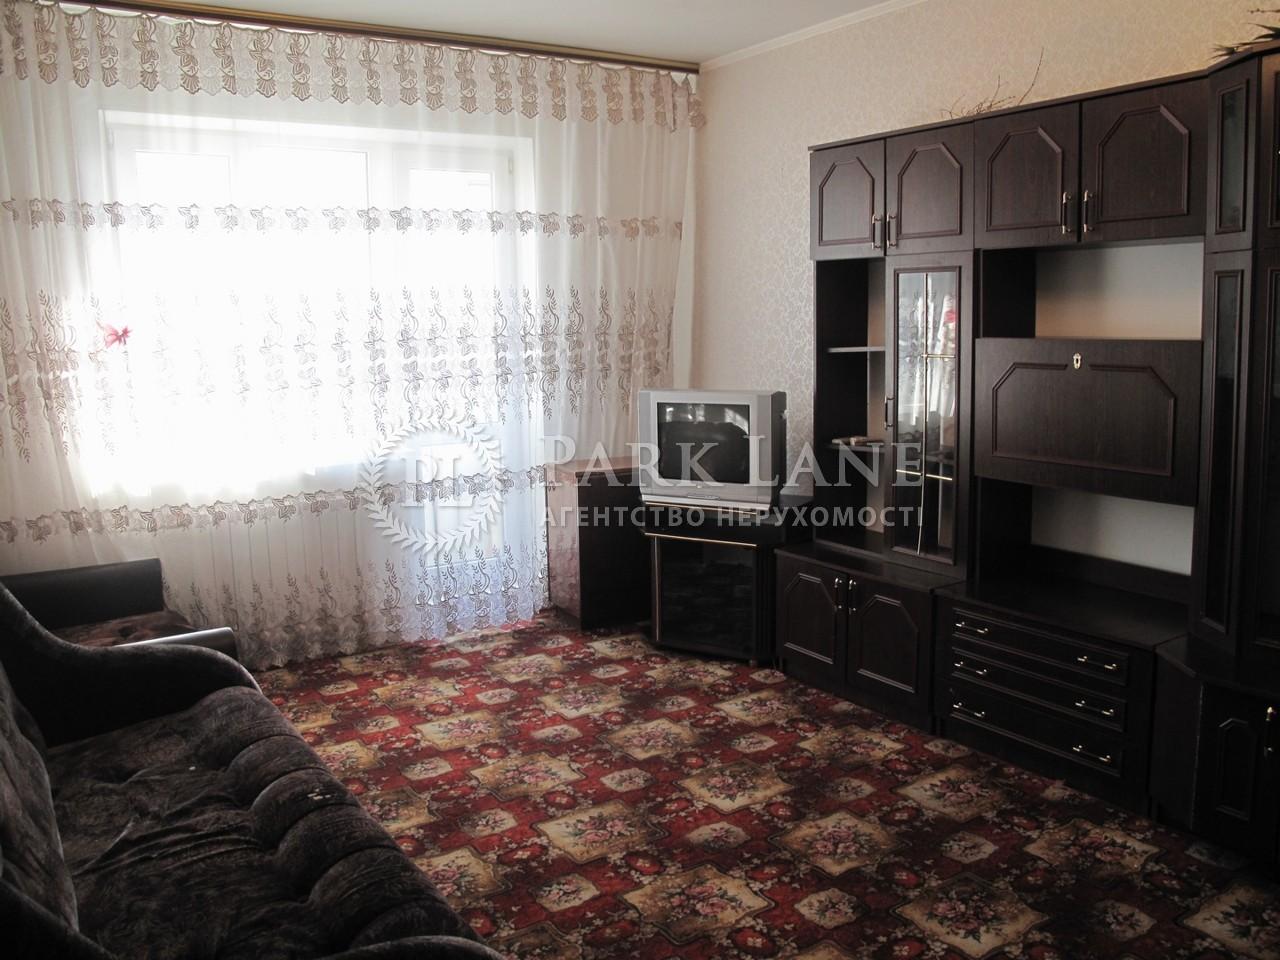 Квартира ул. Декабристов, 6, Киев, Z-840835 - Фото 2